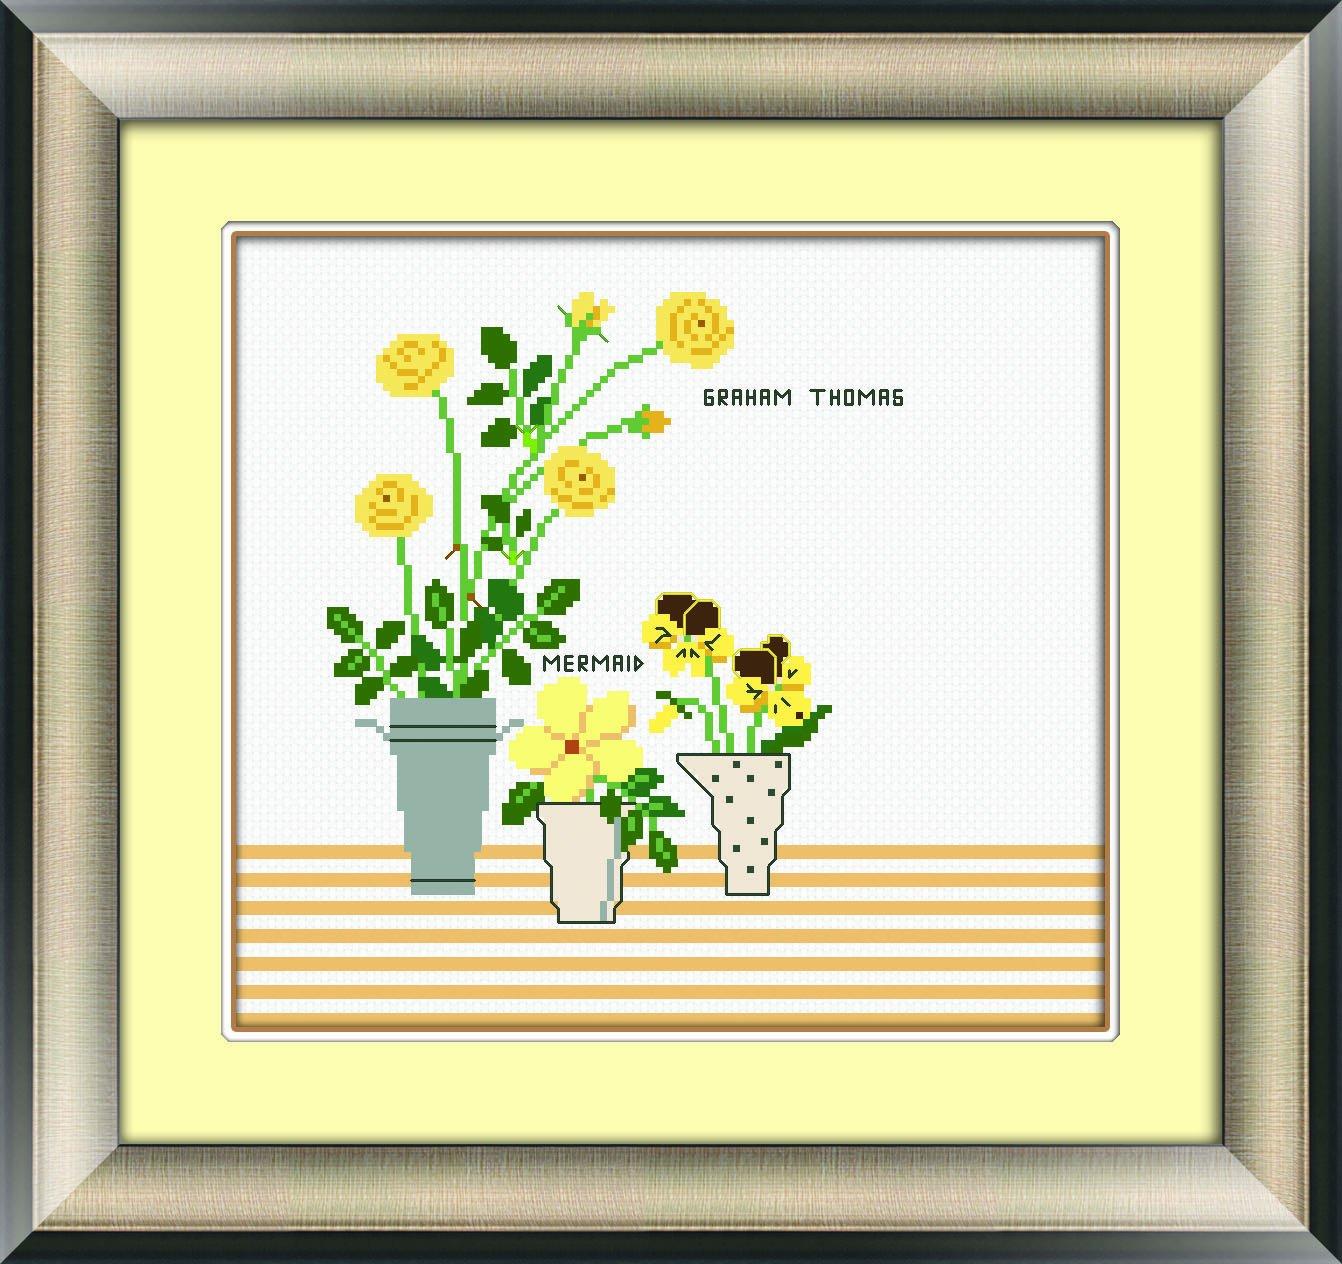 多美绣 dmc法国进口绣线 十字绣 花卉-黄色小花 杂志图 14ct